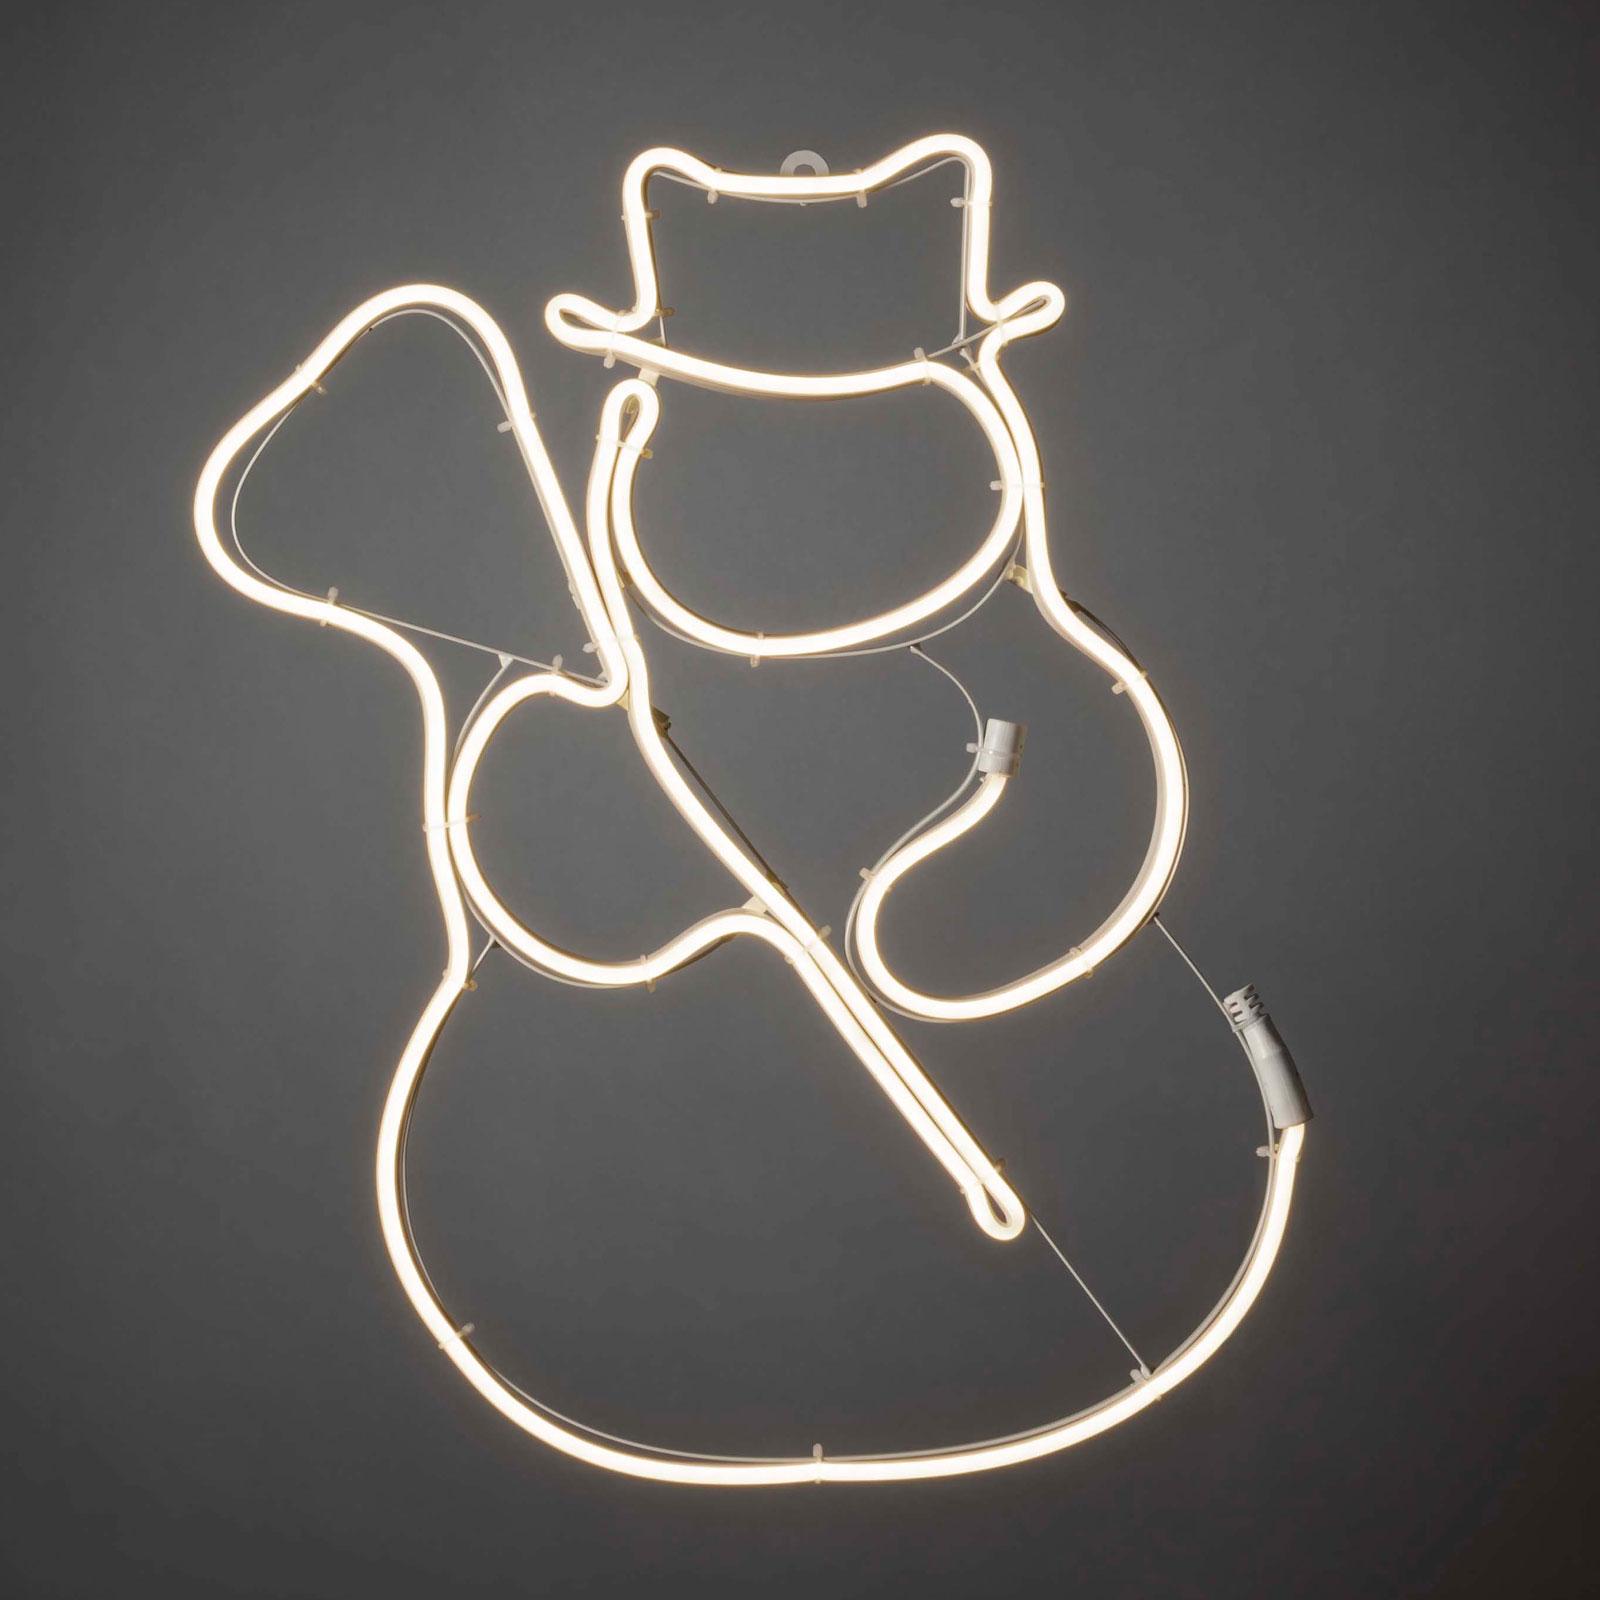 LED-fönsterbild slangsilhuett snögubbe